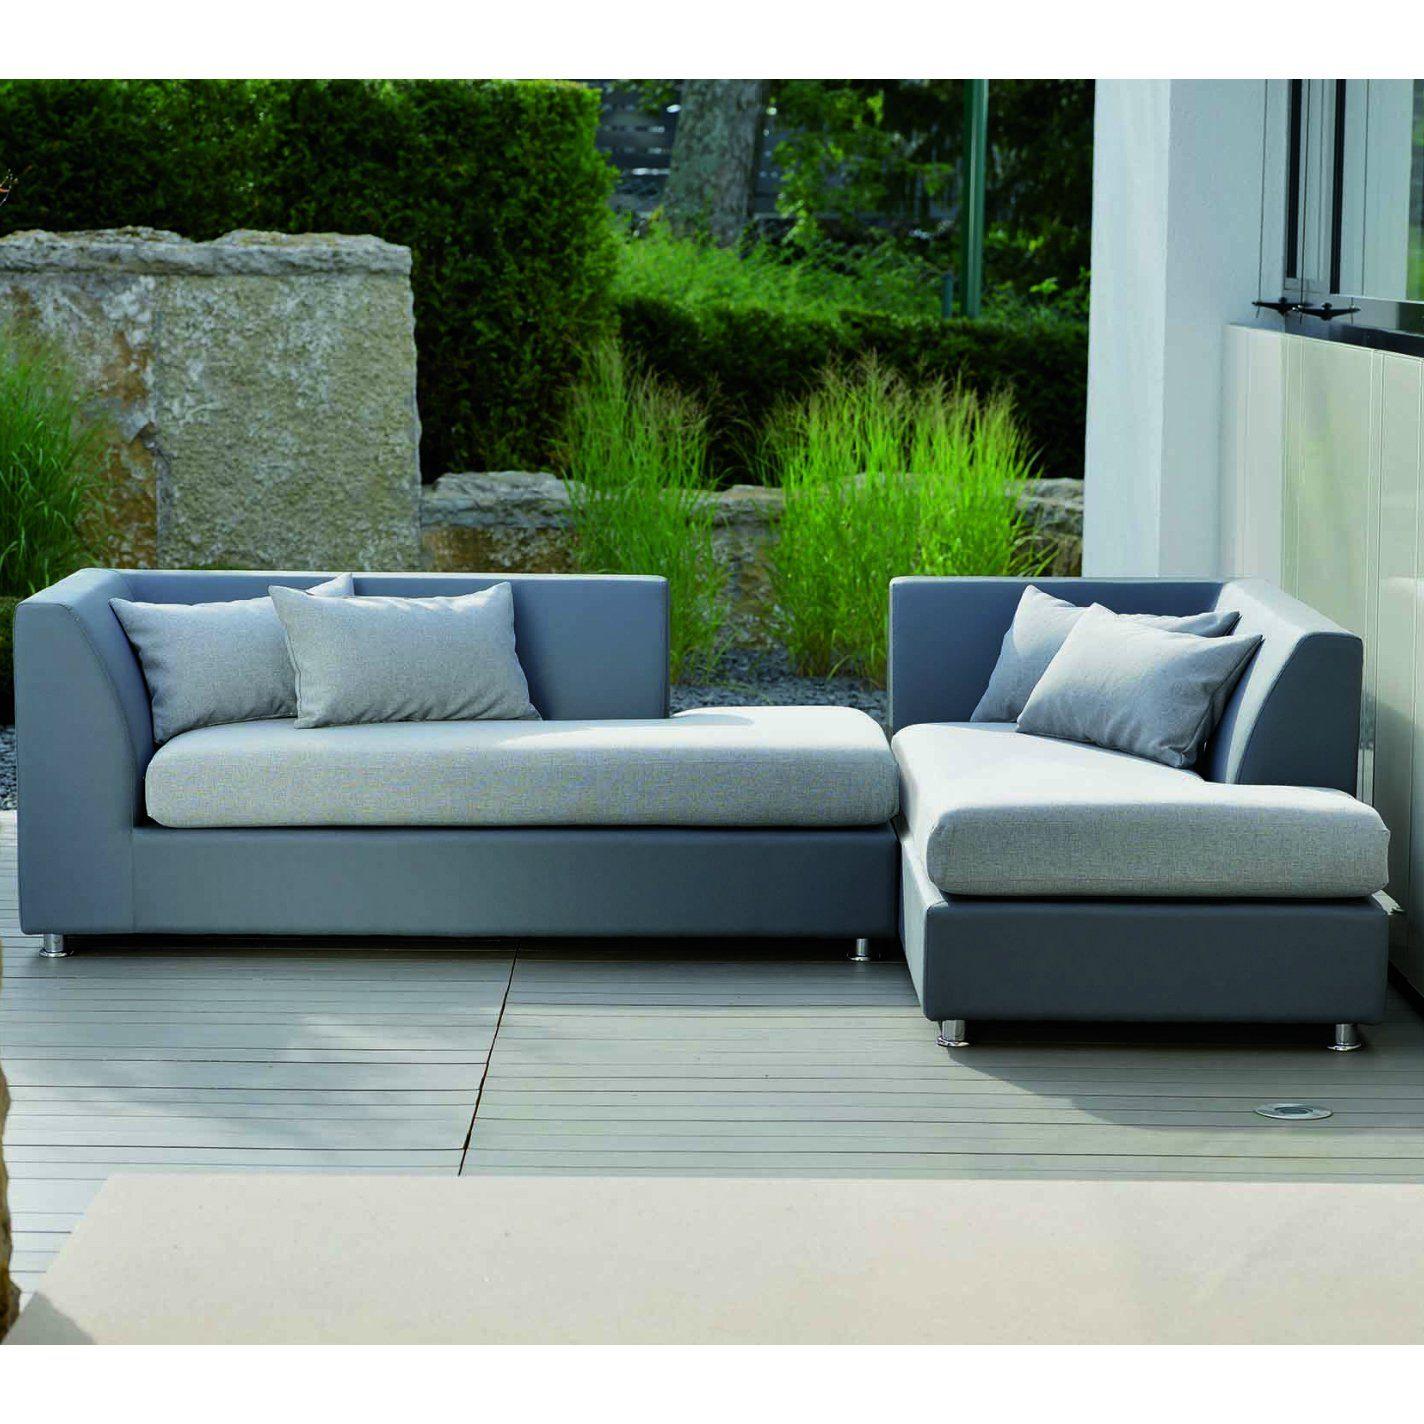 stern two lounge set. Black Bedroom Furniture Sets. Home Design Ideas